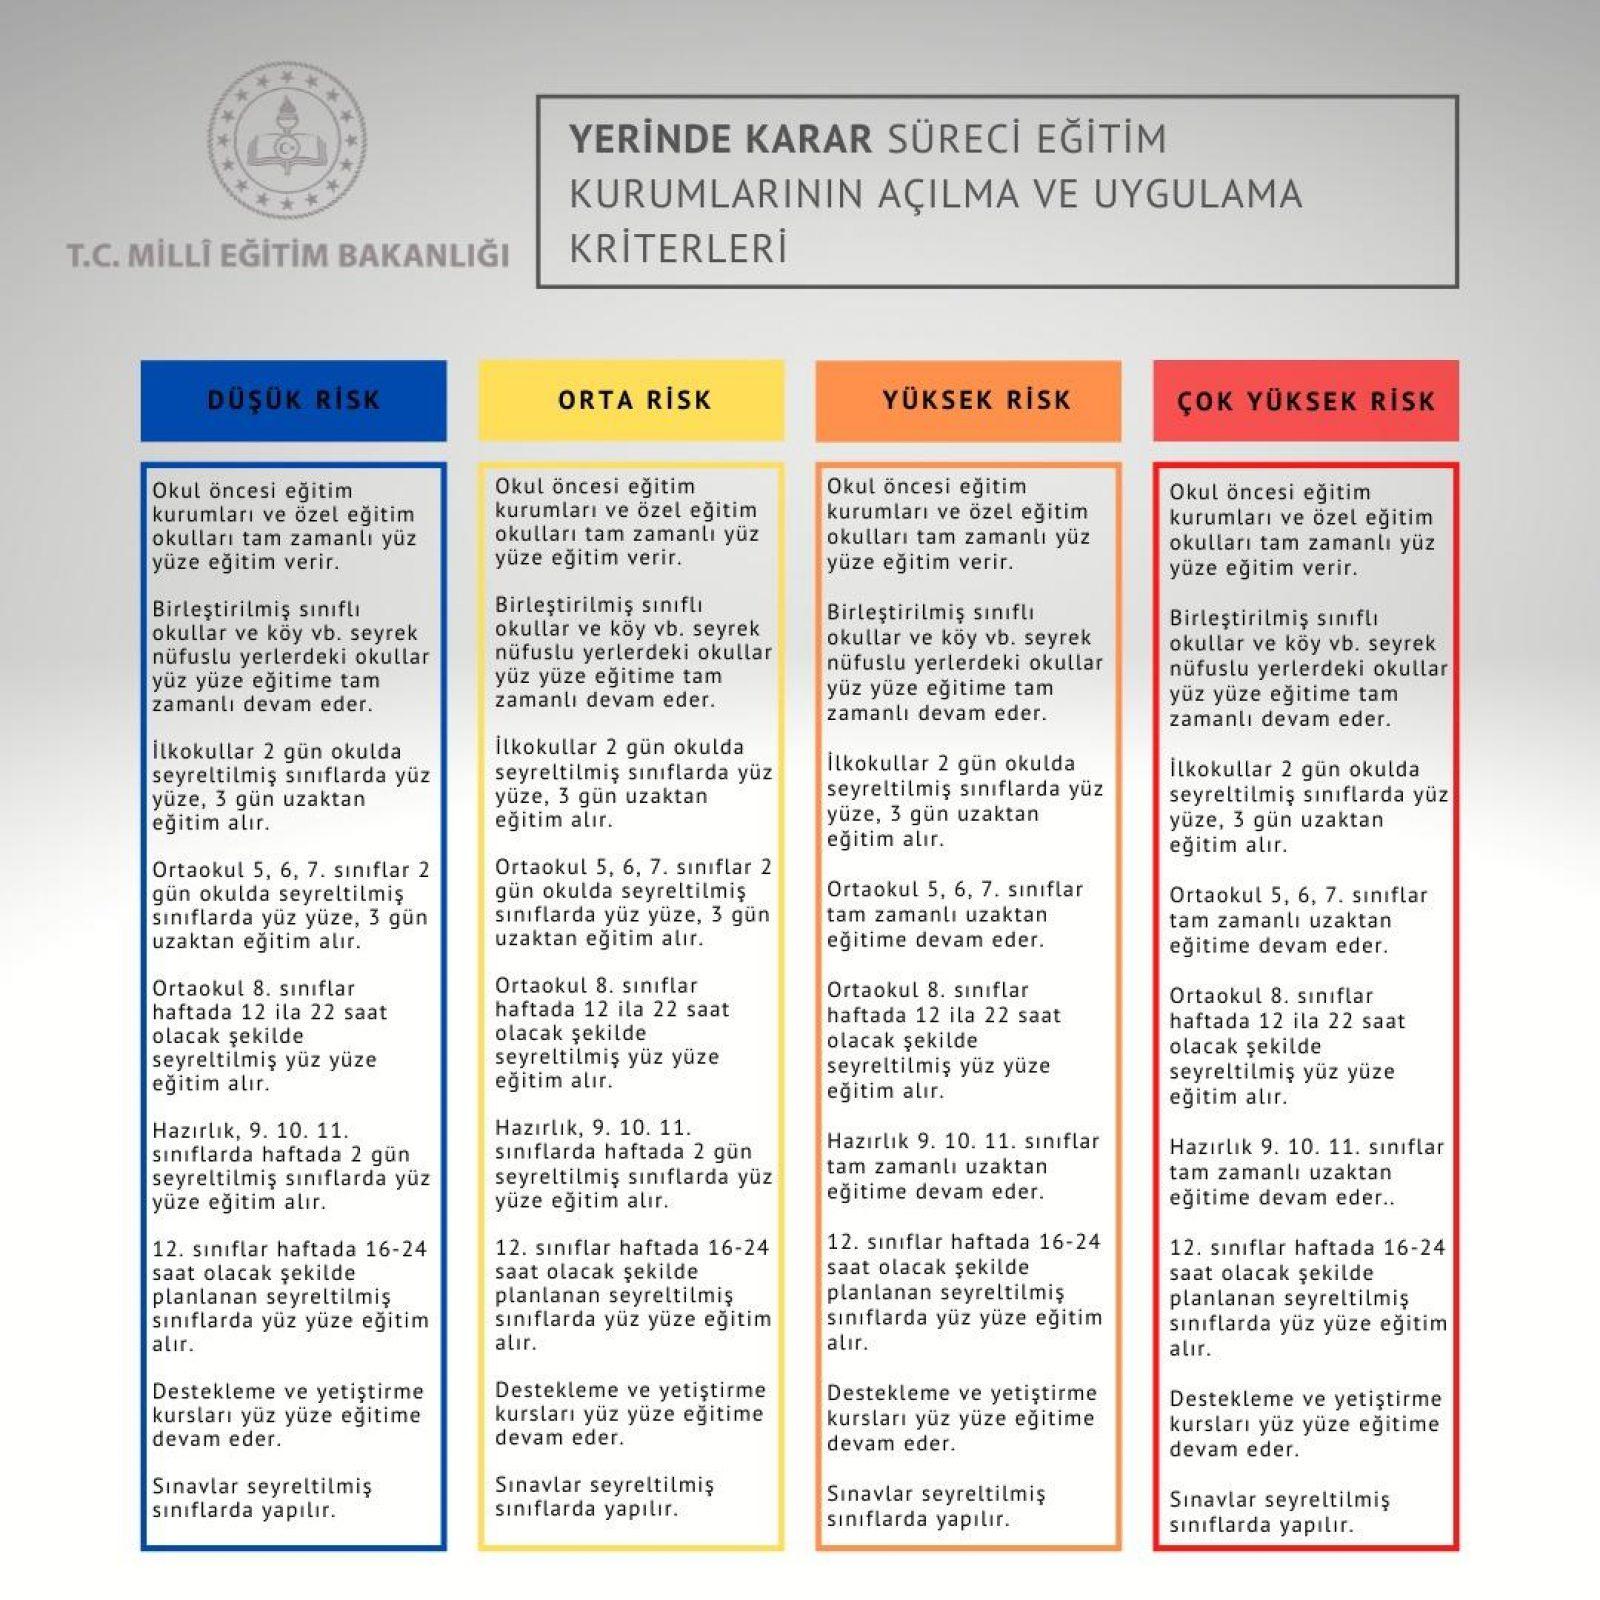 Eğitim kurumlarının açılma ve uygulama kriterleri